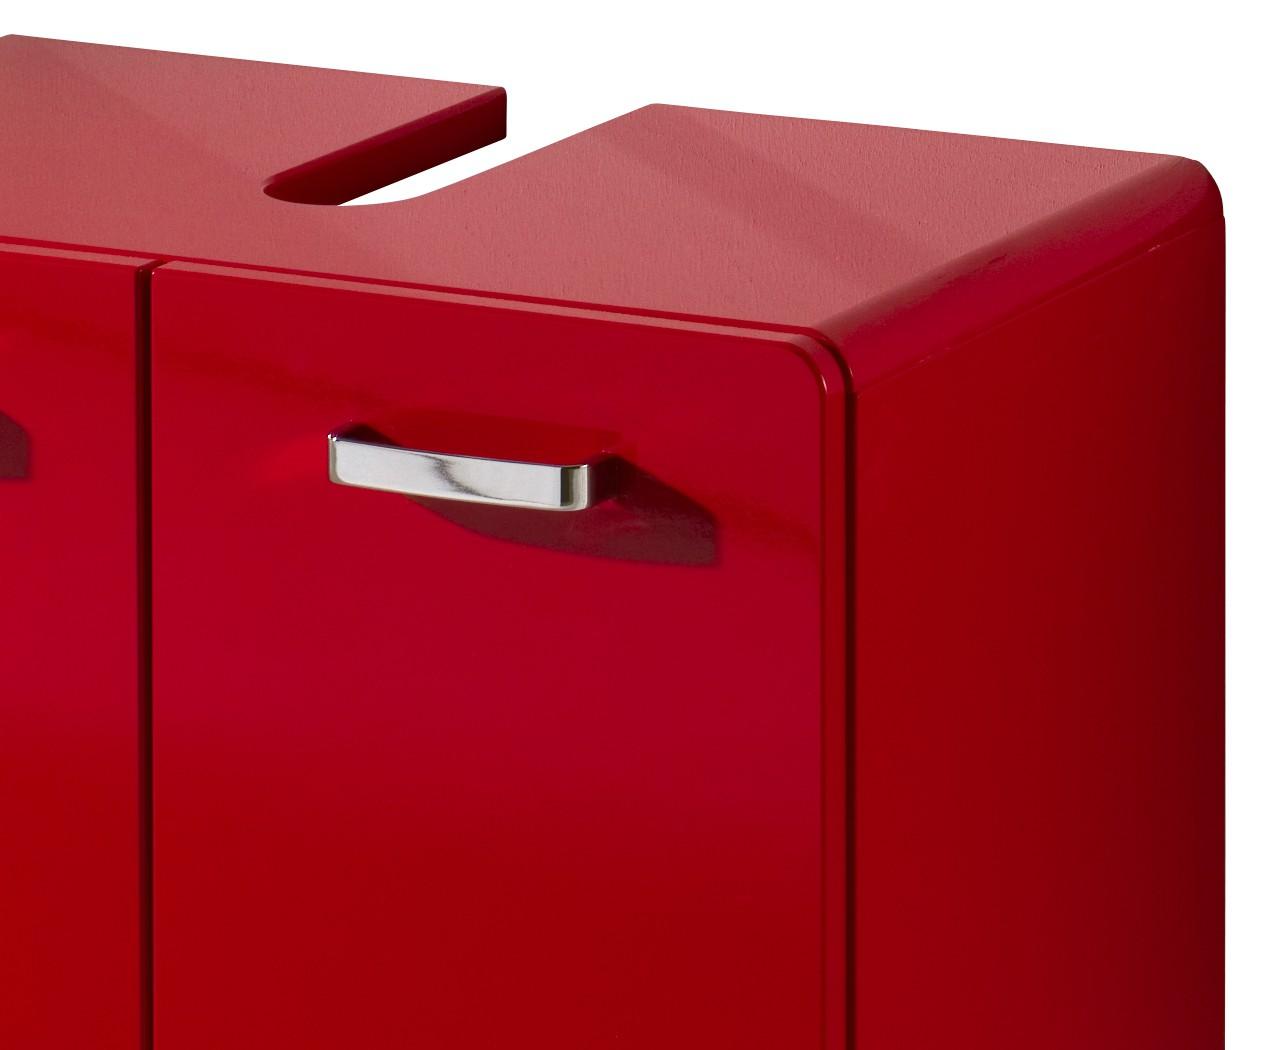 neu waschbeckenschrank round waschbeckenunterschrank mdf hochglanz rot ebay. Black Bedroom Furniture Sets. Home Design Ideas